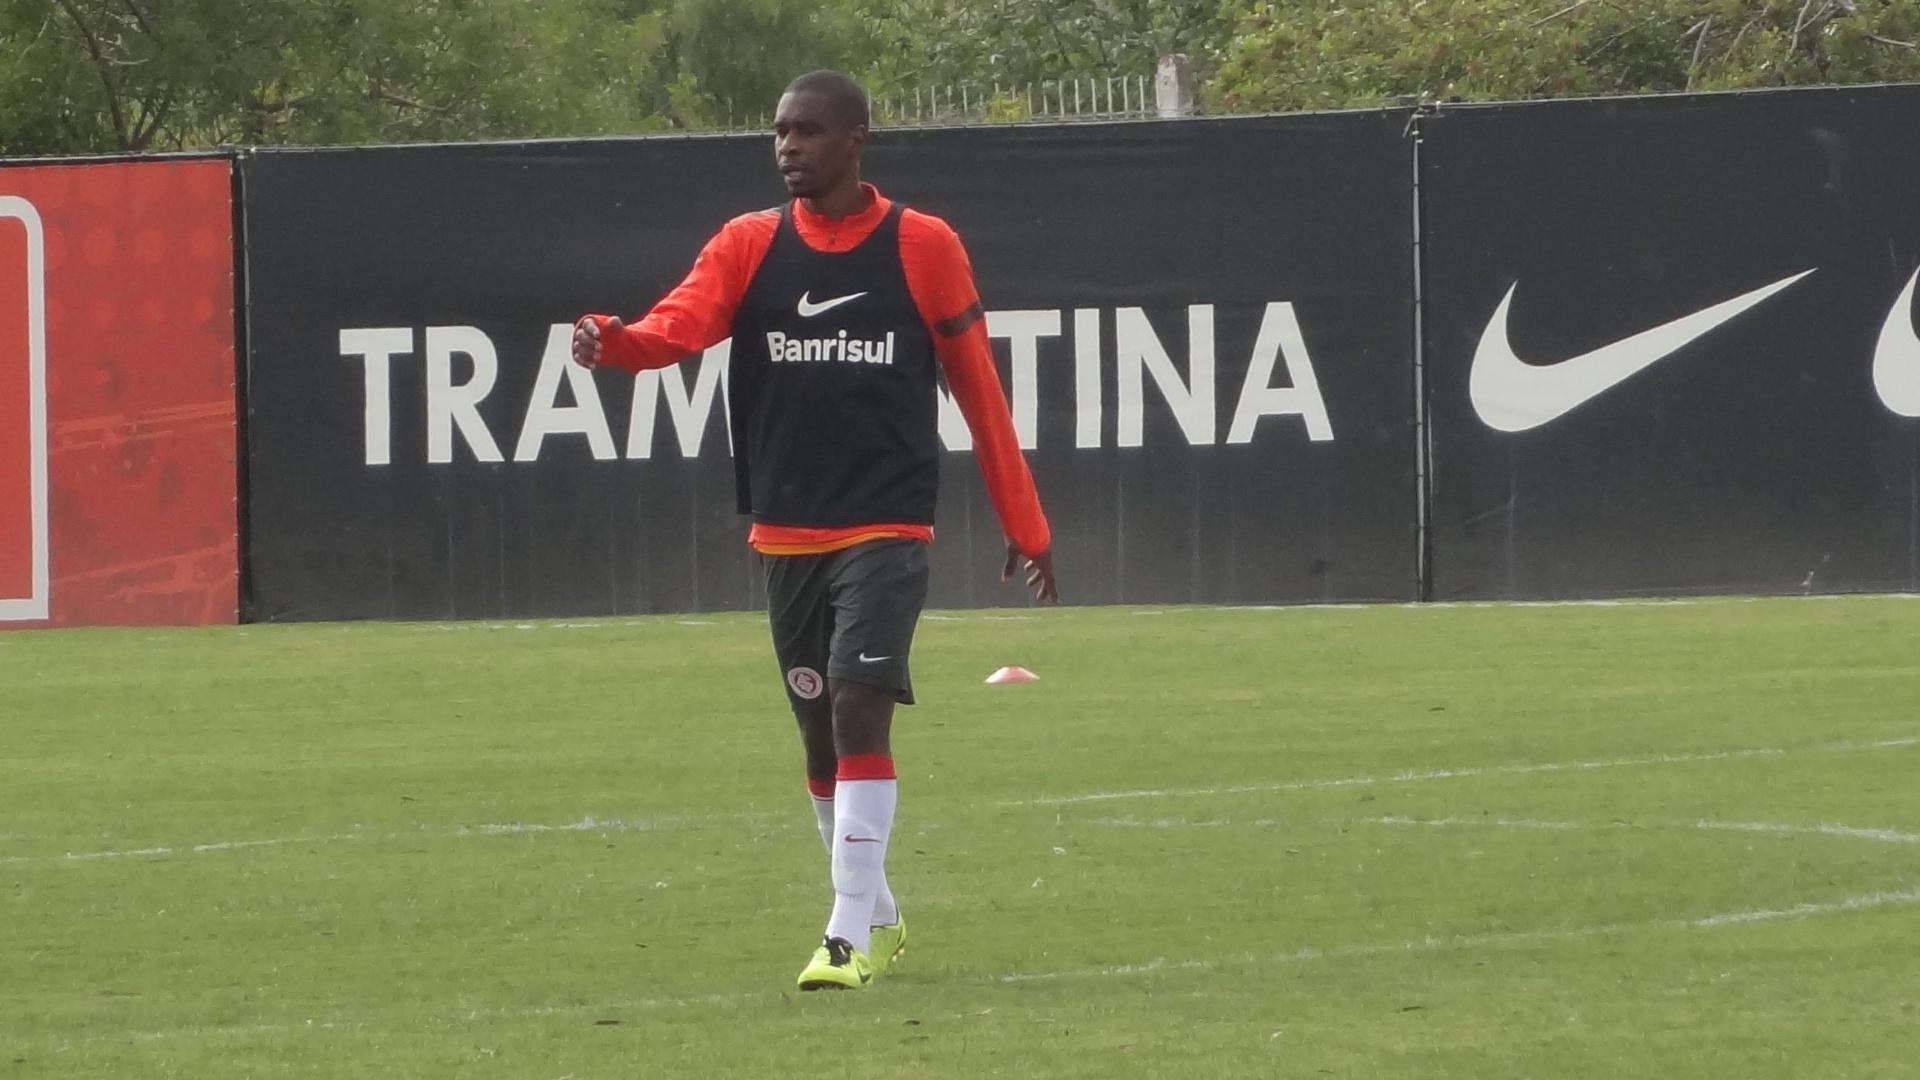 Zagueiro Juan volta a treinar com bola após ser desfalque no time do Inter (17/04/13)